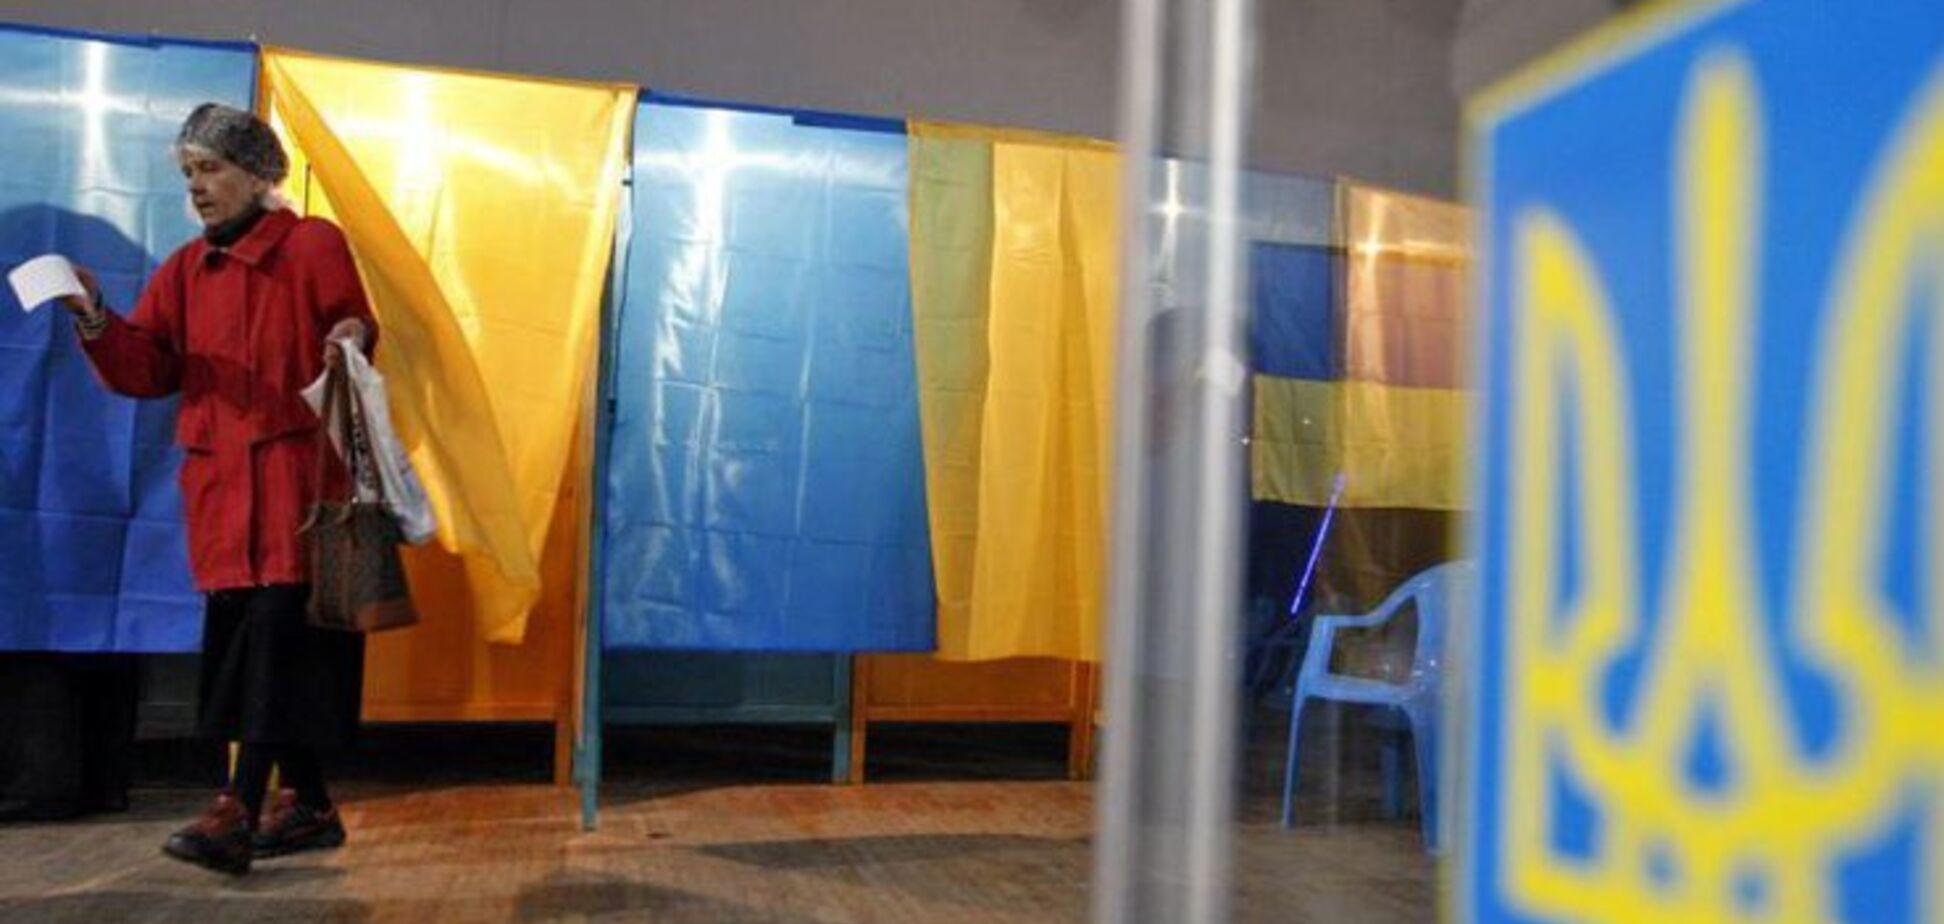 Голова виборчої комісії зіпсувала майже 200 бюлетенів: їй загрожує 7 років в'язниці